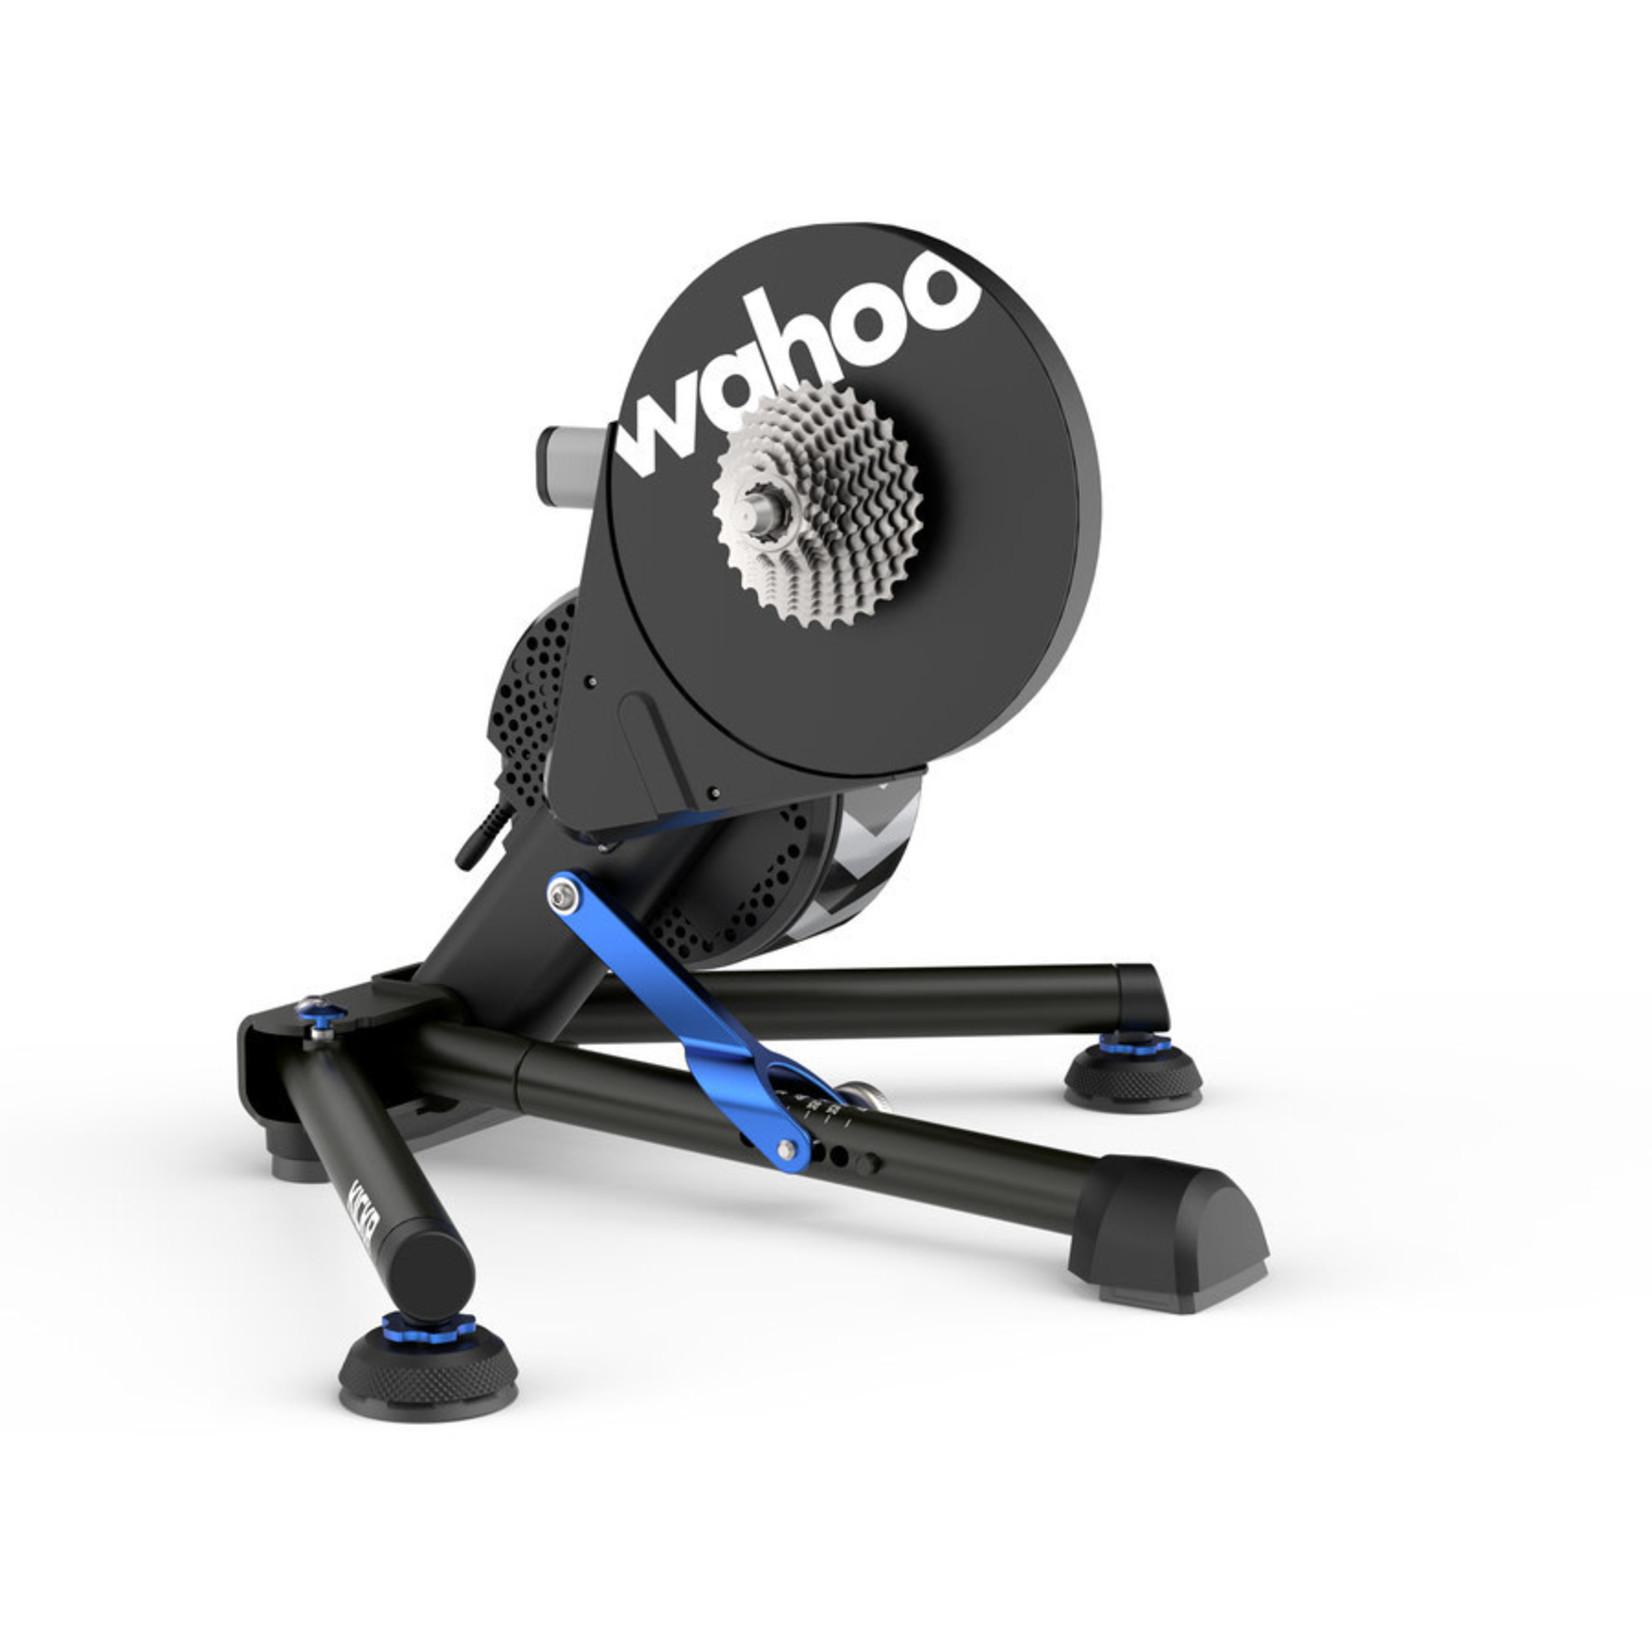 Wahoo Wahoo Kickr Smart Trainer V5